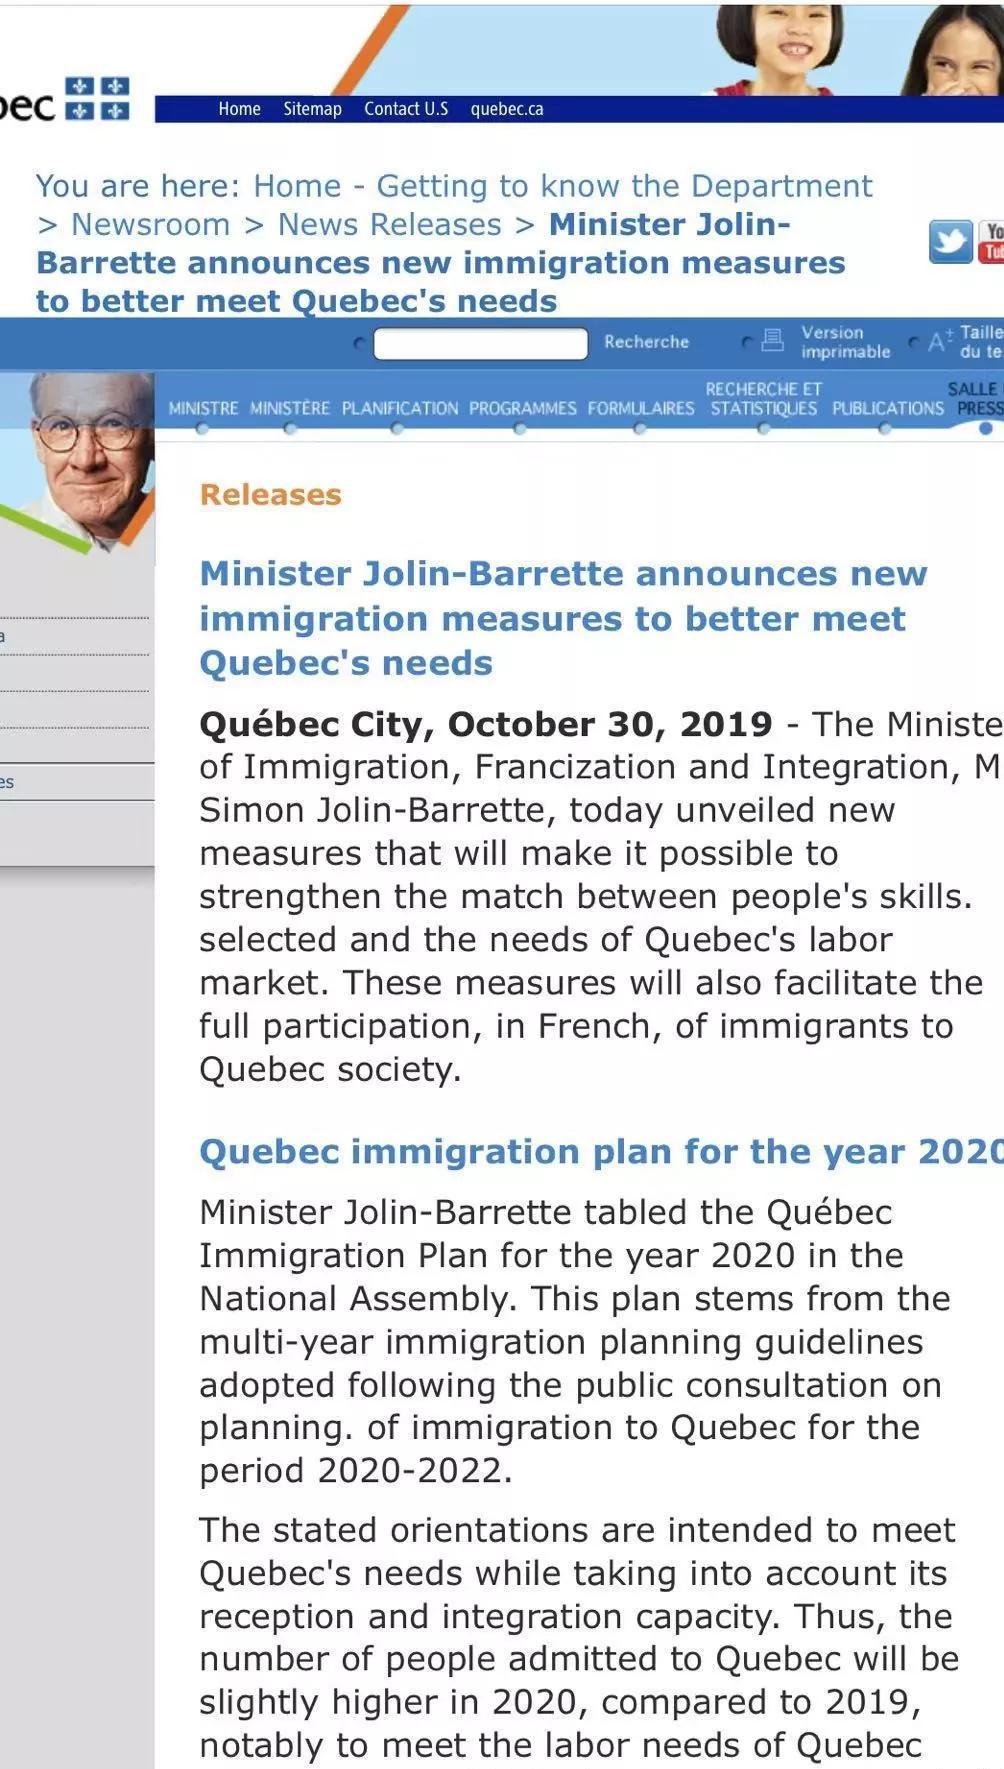 重磅官宣!加拿大魁省移民大变政!移民名额增加,但难度变大!